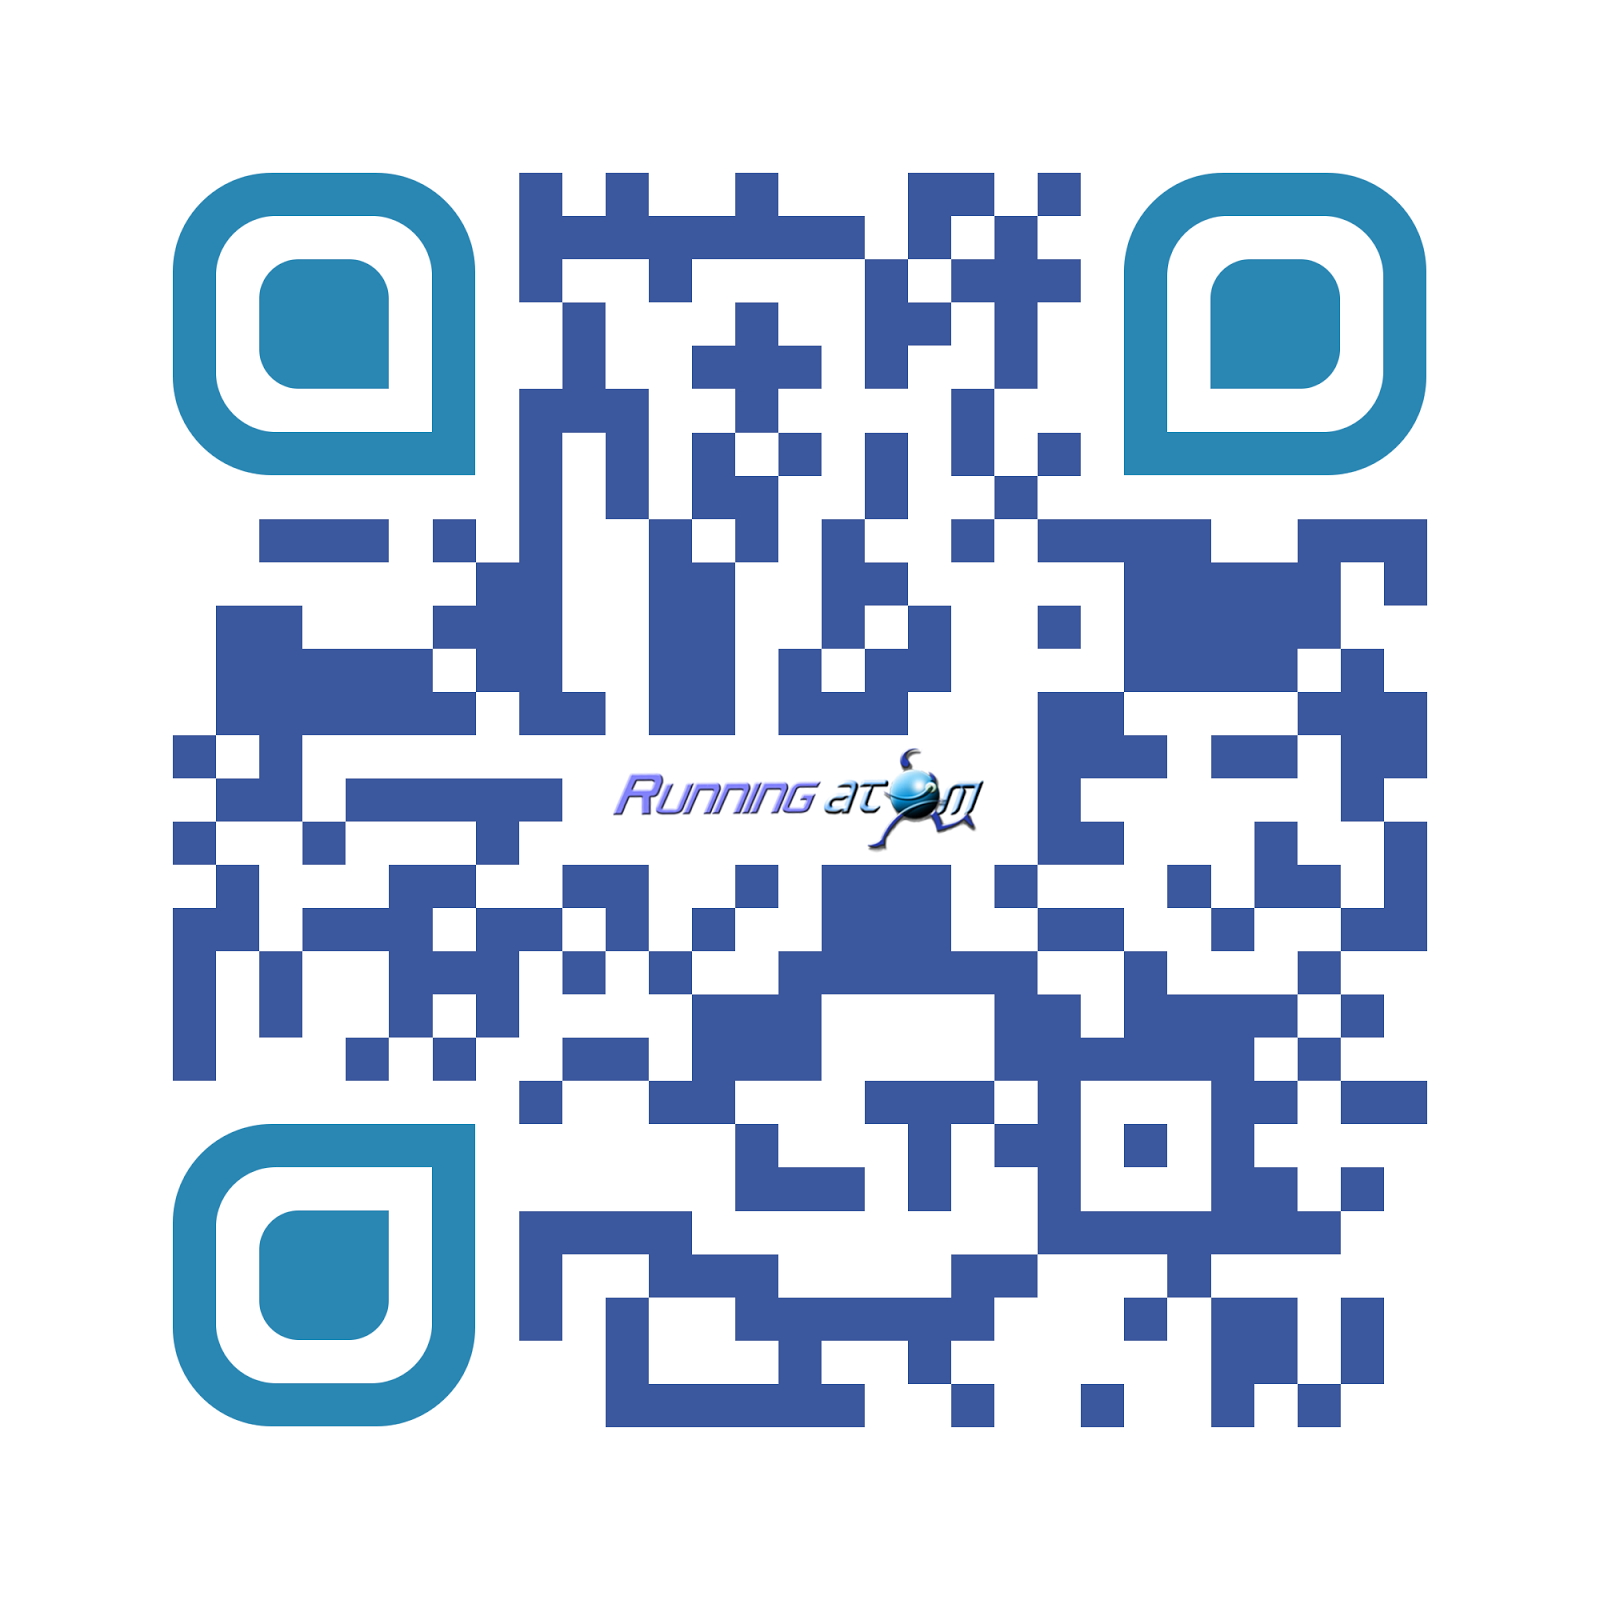 RunningAtom's QR Code